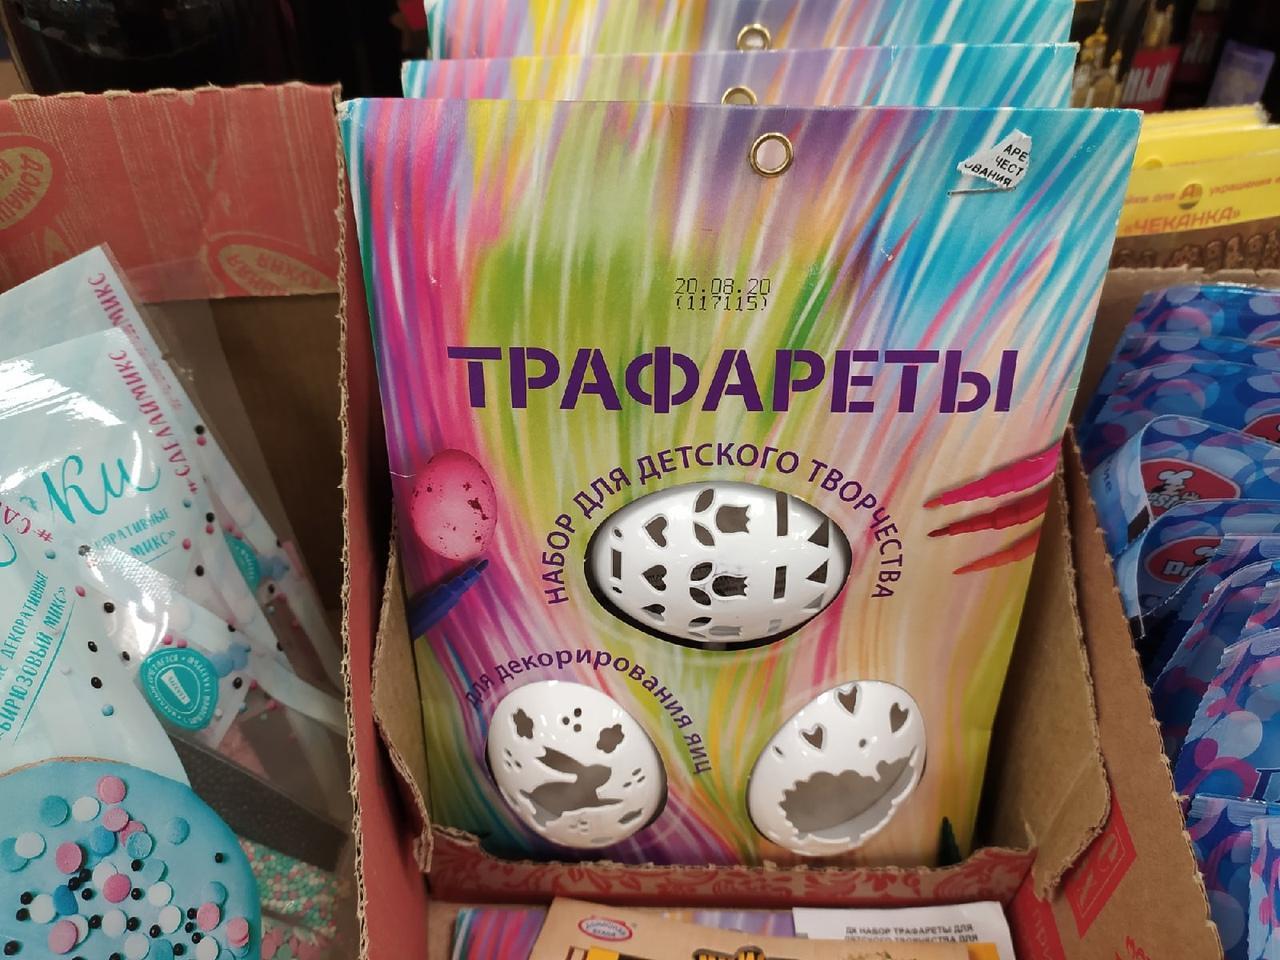 фото Куличи и красители для яиц к Пасхе: обзор цен на праздничные товары в Новосибирске 10